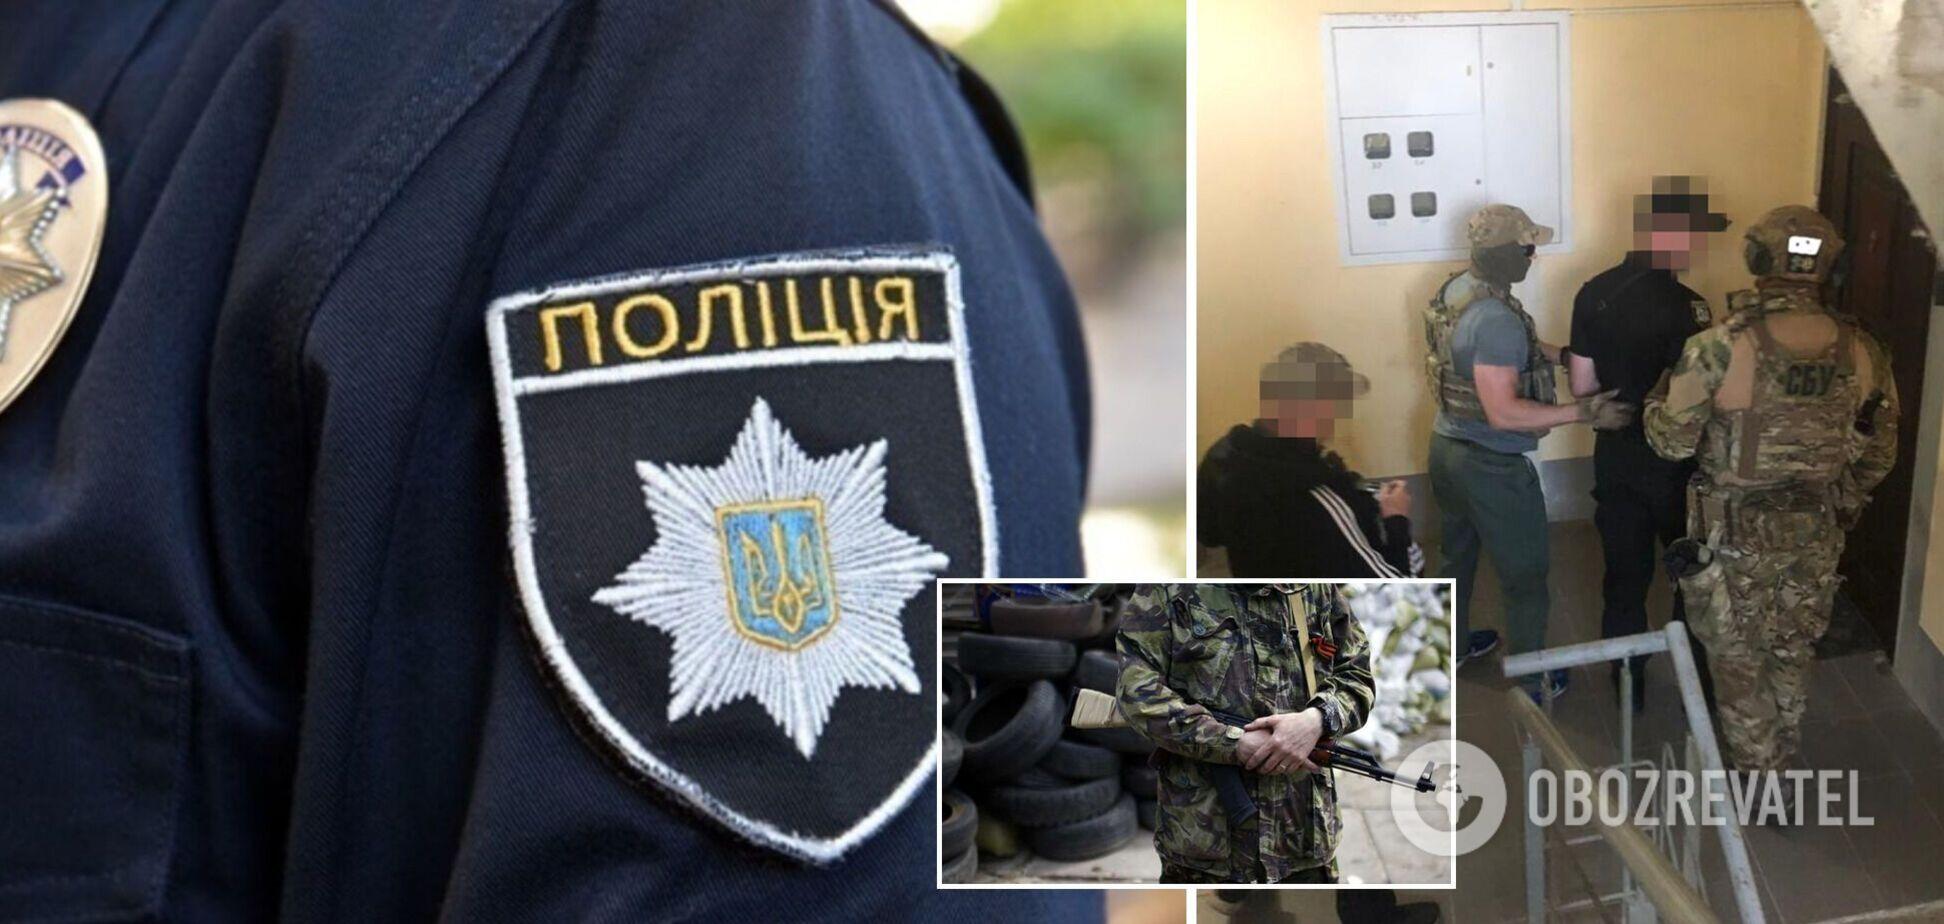 В Україні викрили ексбойовика 'ЛНР', який 5 років працював у Нацполіції. Фото